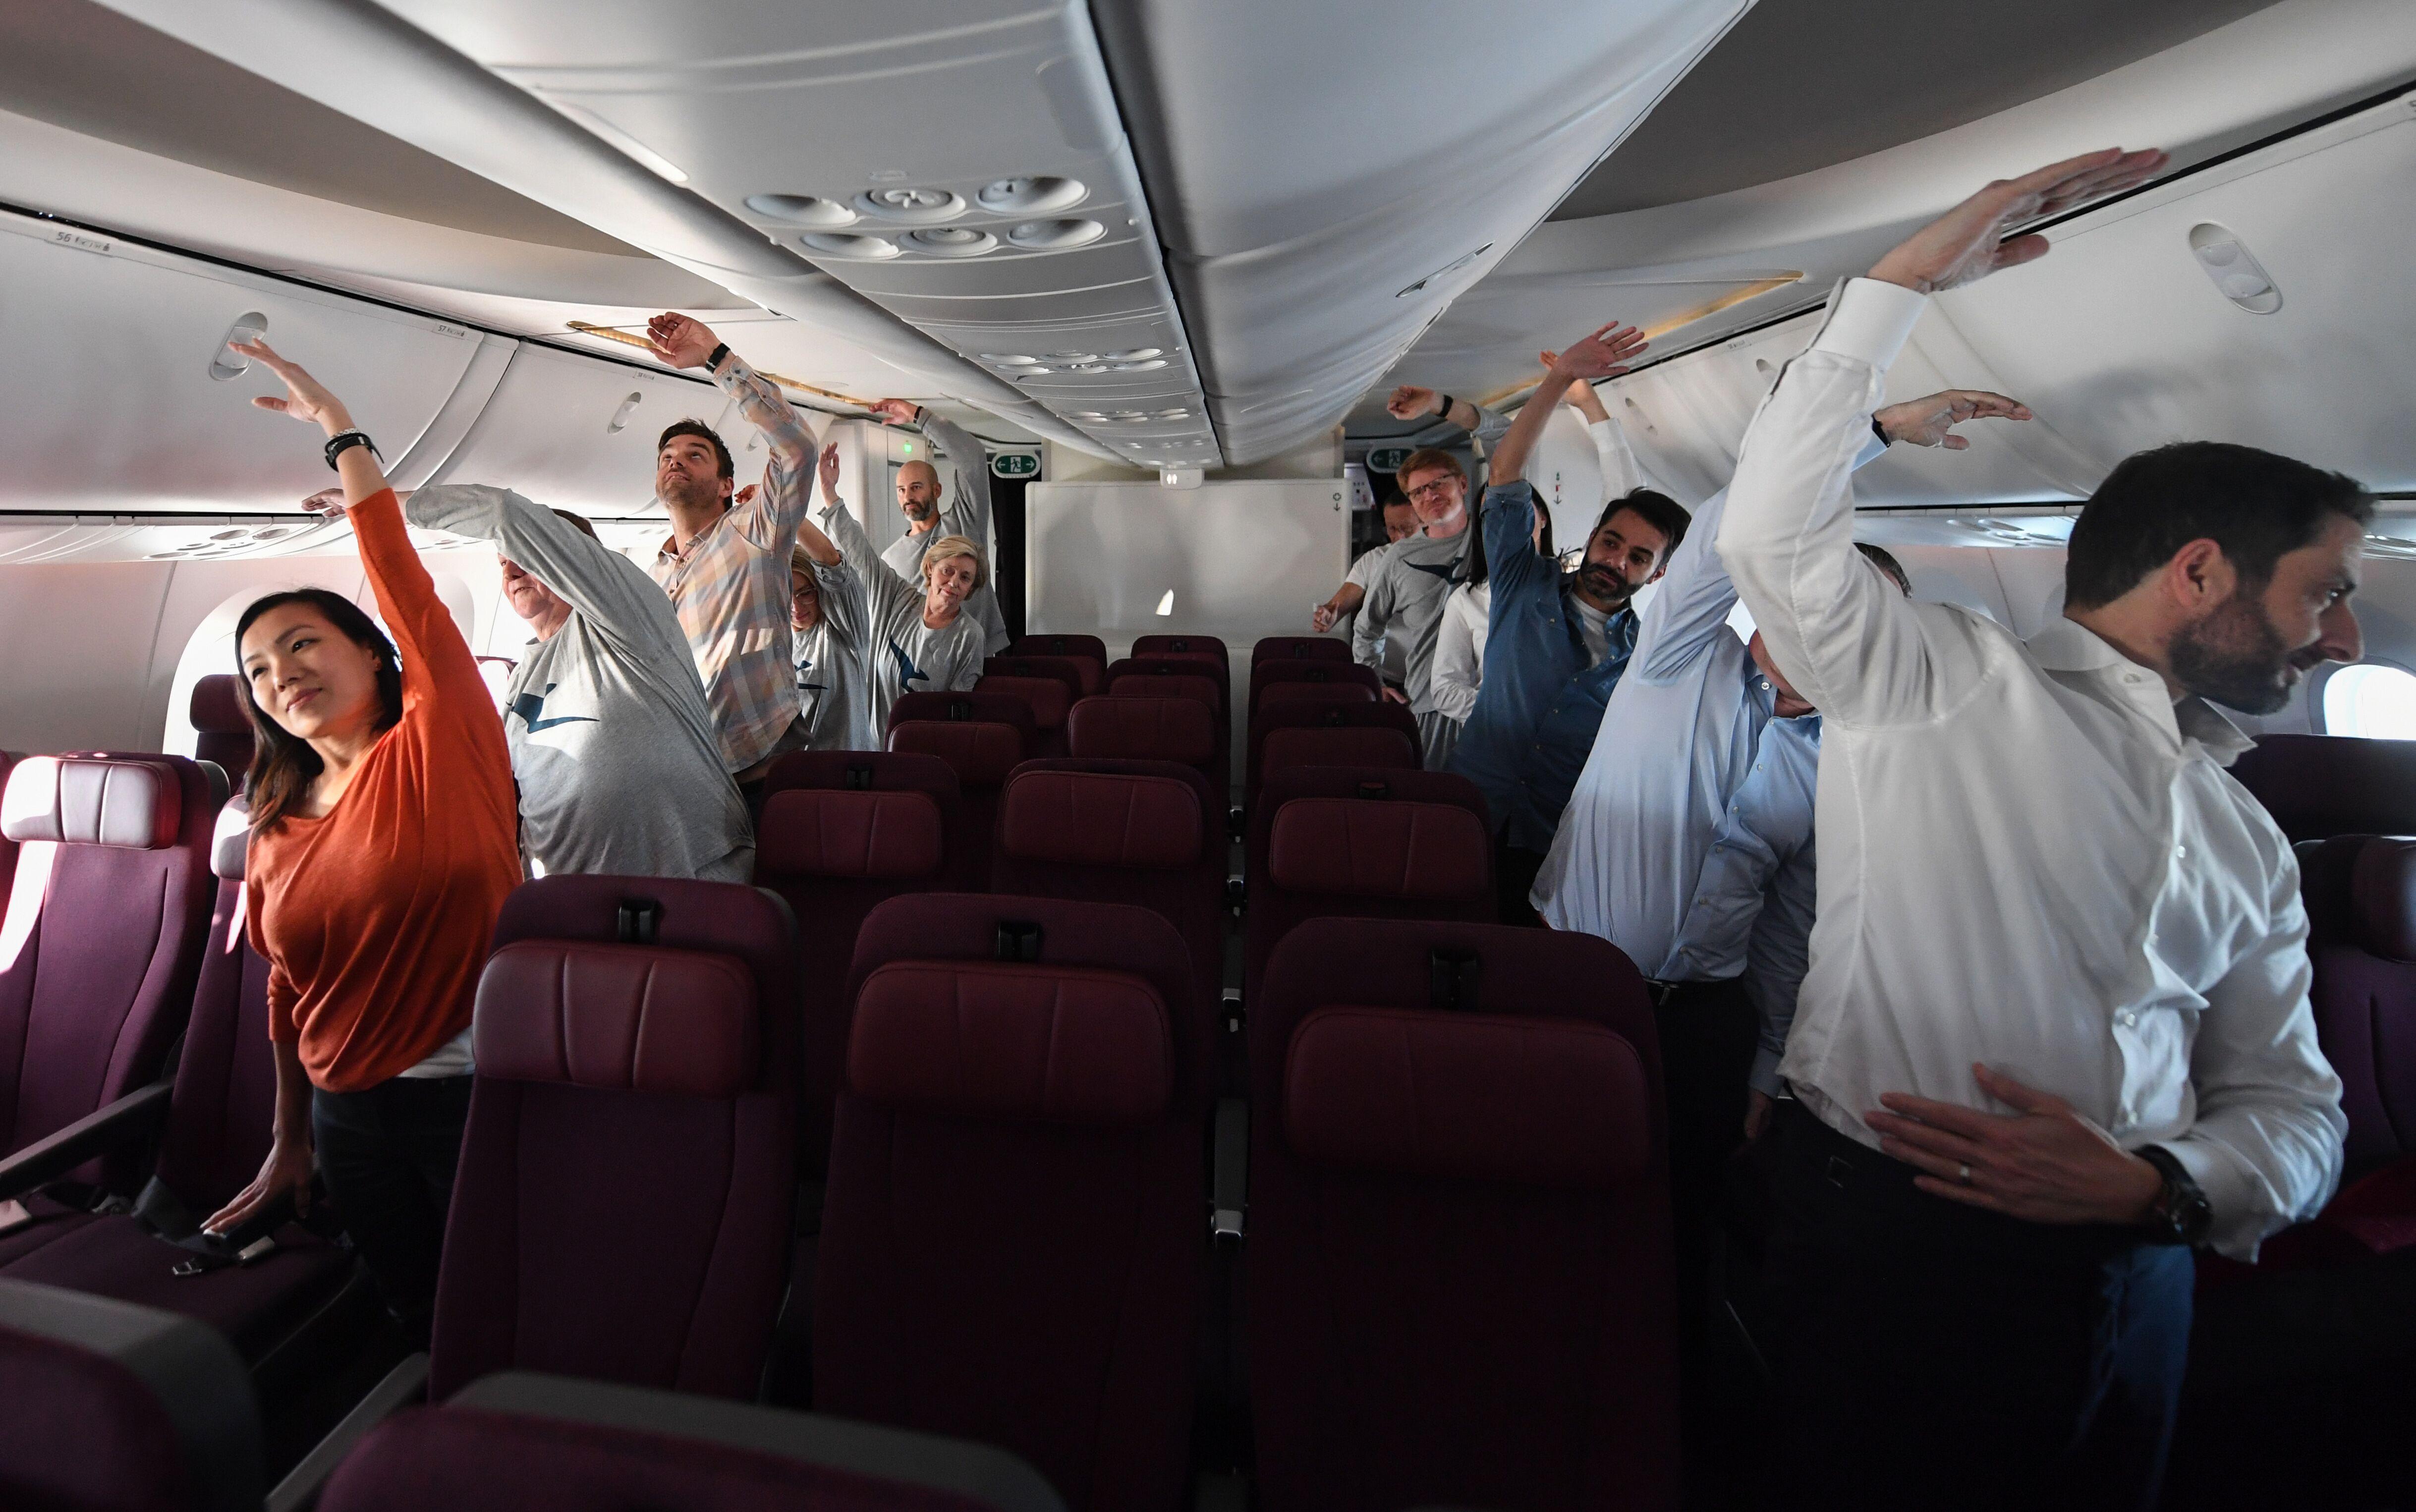 Passageiros do voo Londres-Sydney fazem alongamentos para amenizar jet lag (Foto: Divulgação/Qantas)